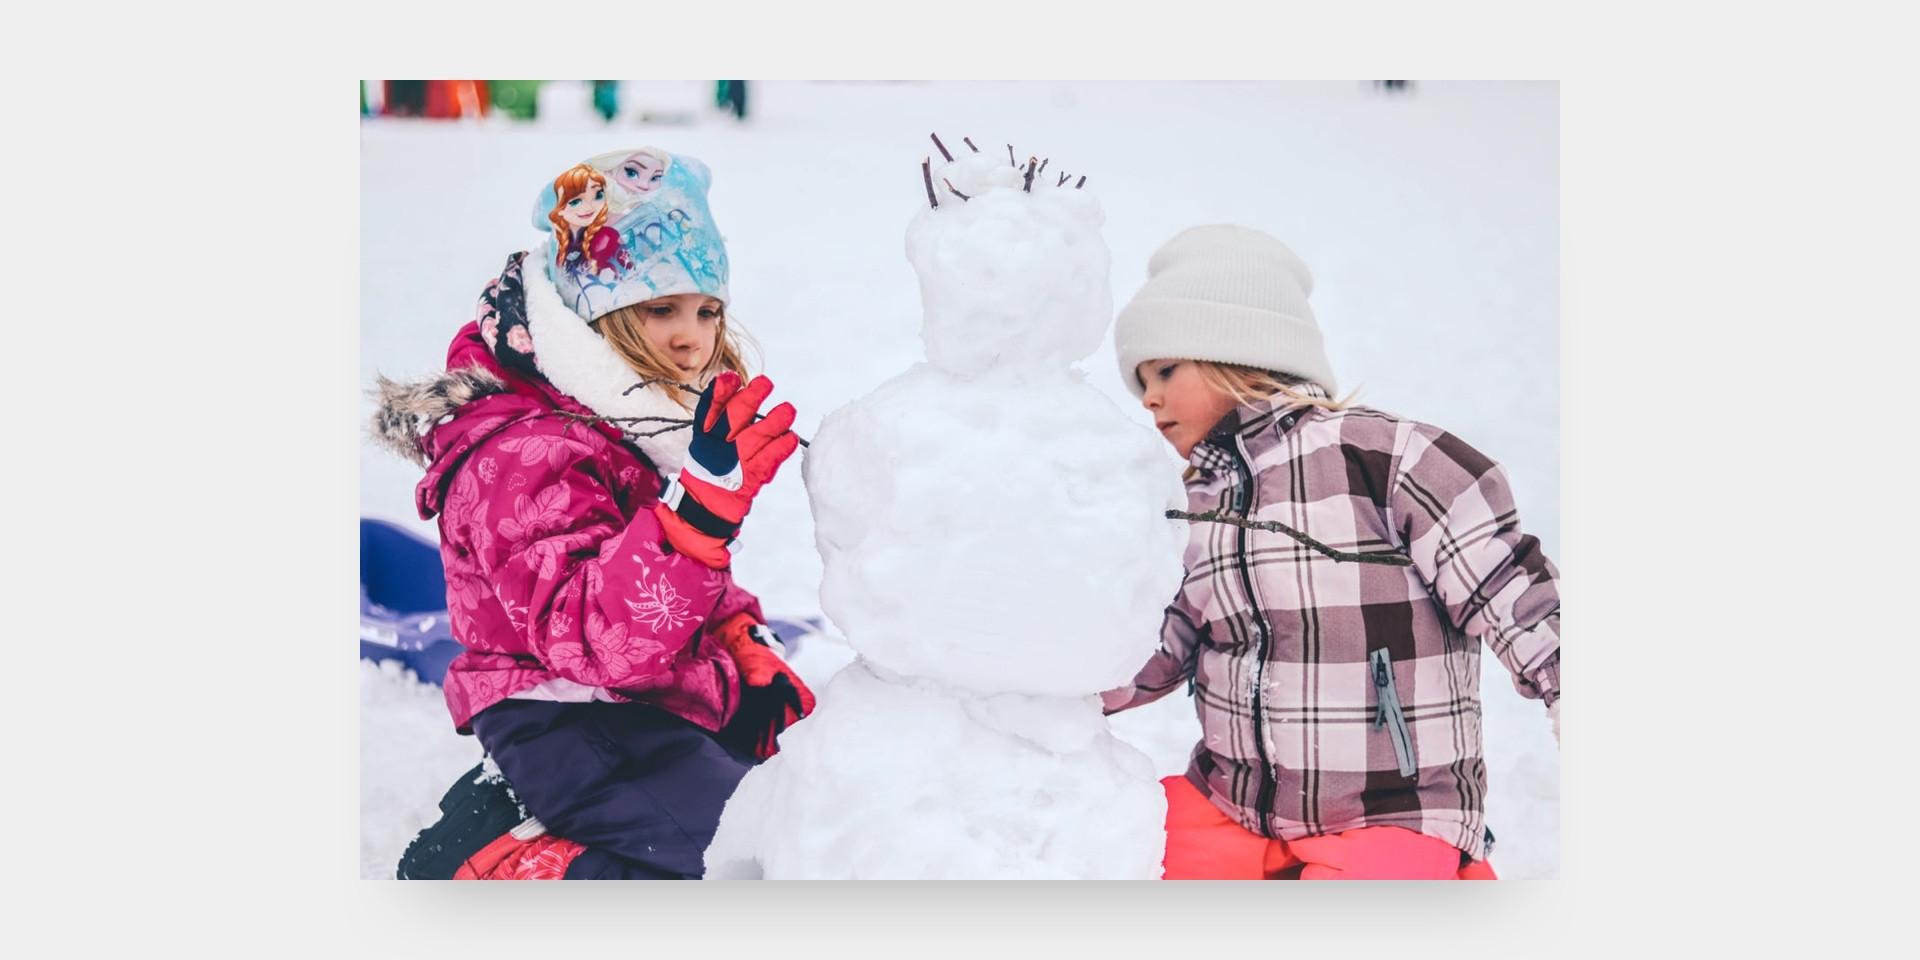 Jouer dehors enfants - Les Rivières